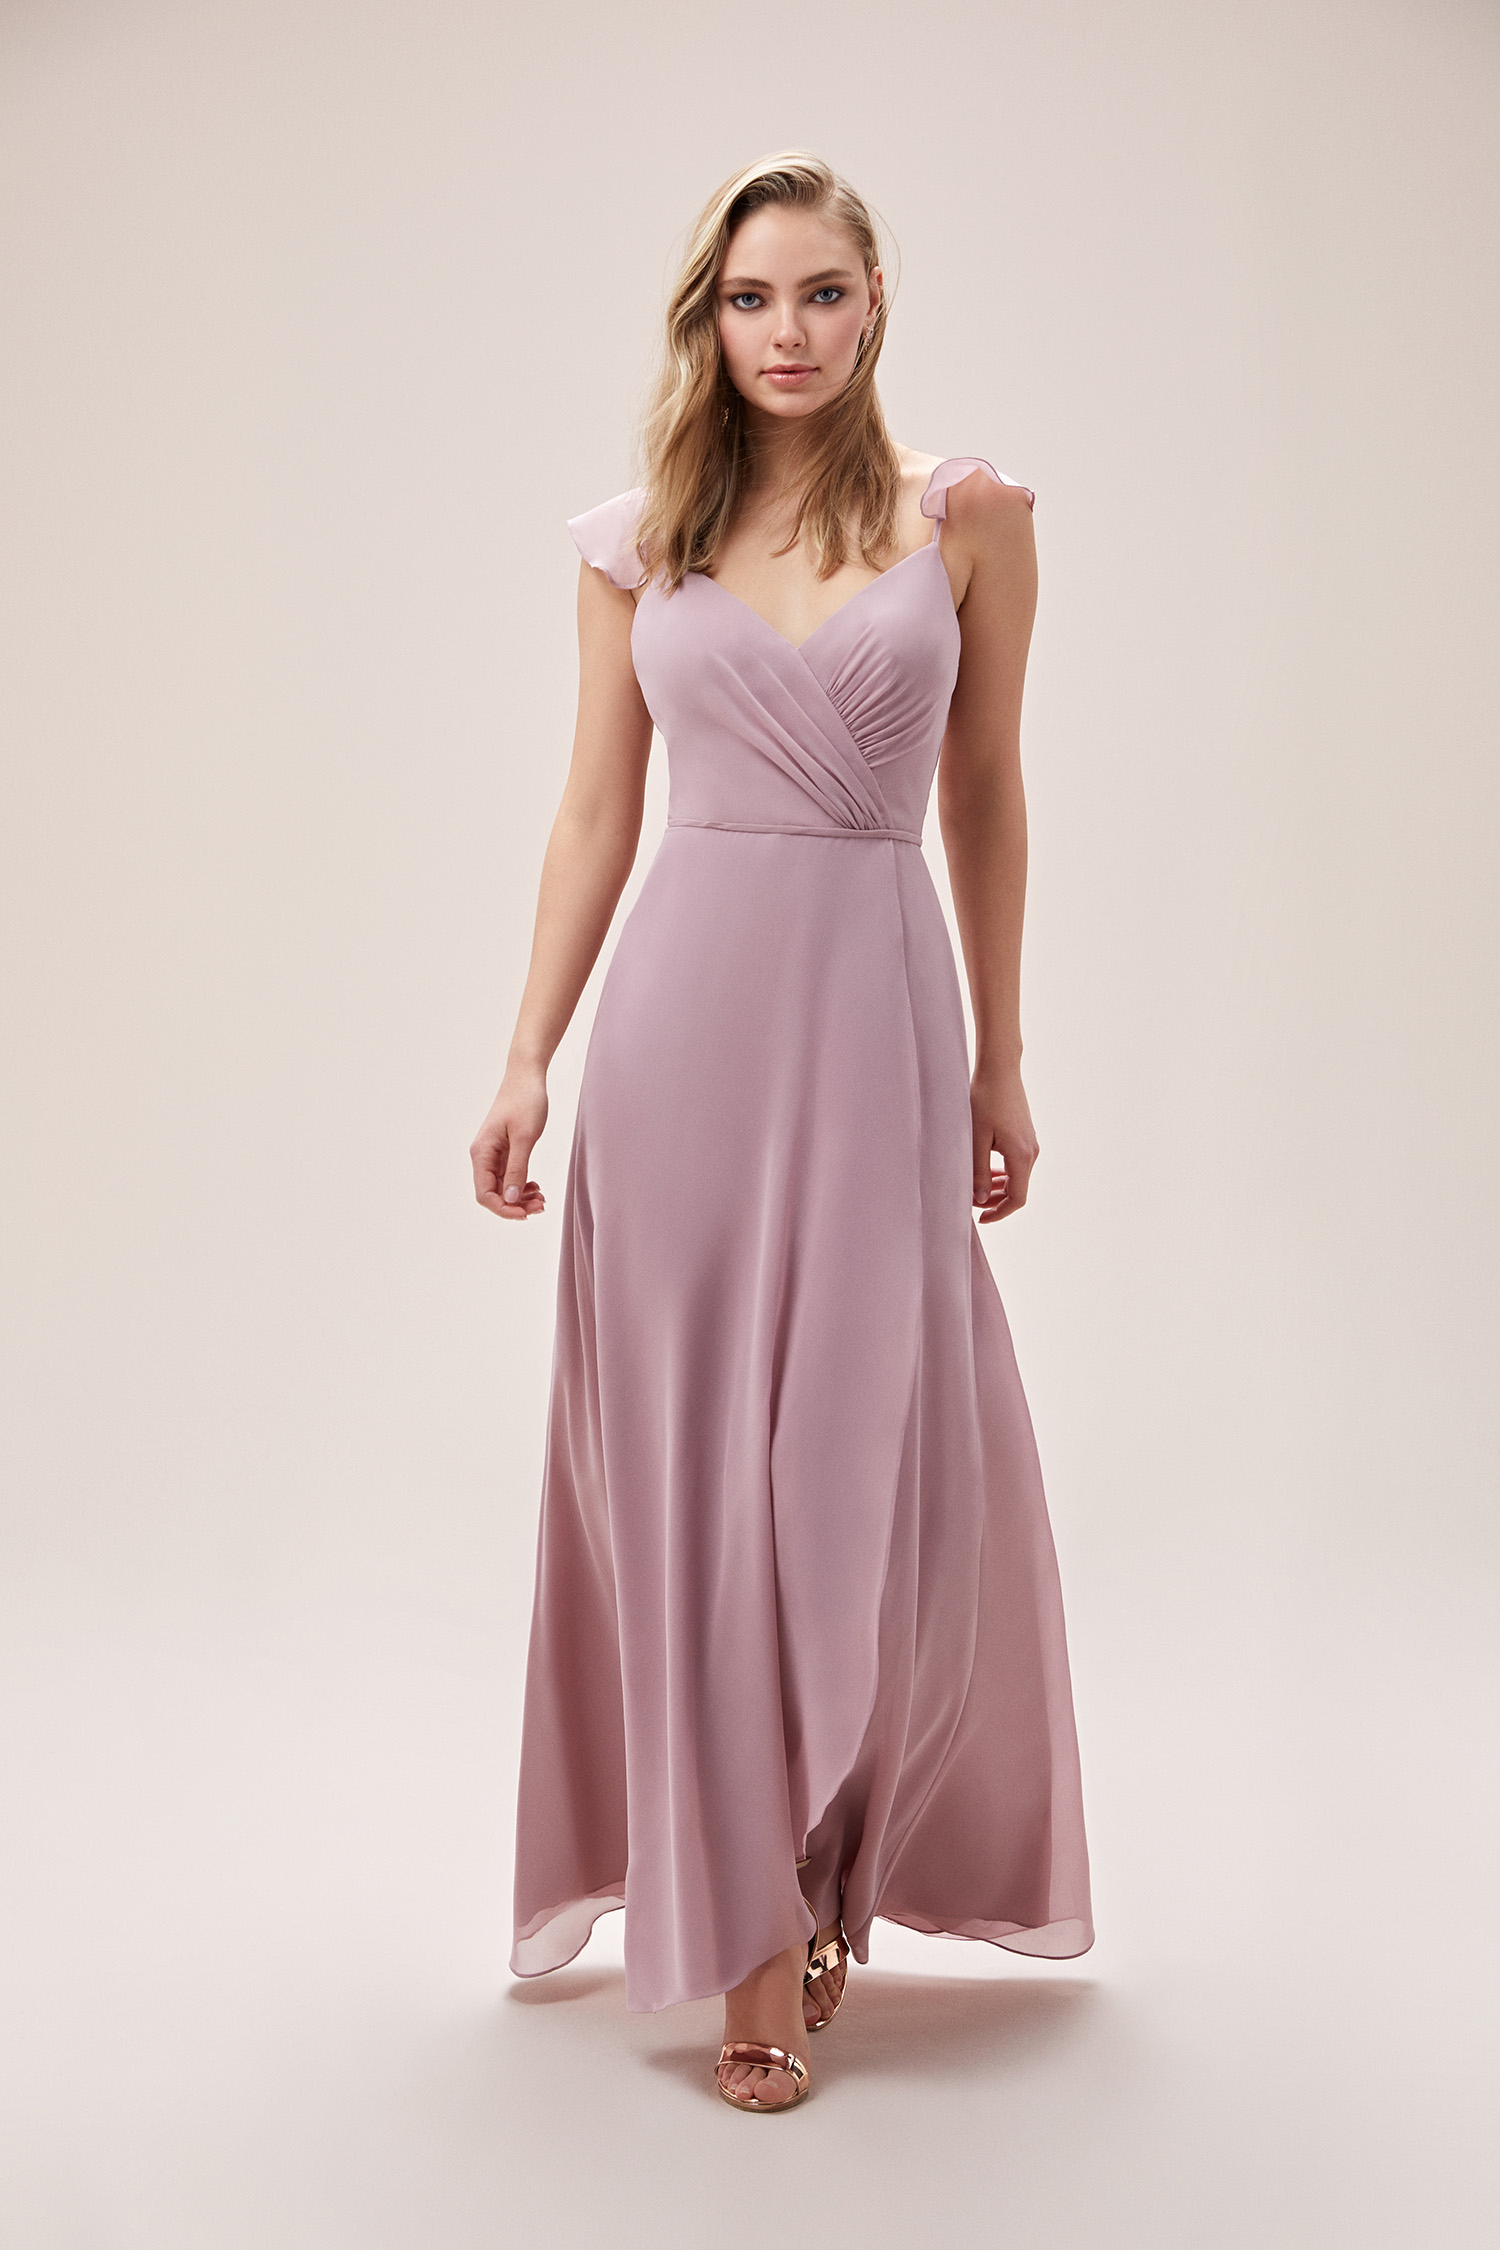 Leylak Rengi Yırtmaçlı Şifon Drapeli Elbise - Thumbnail